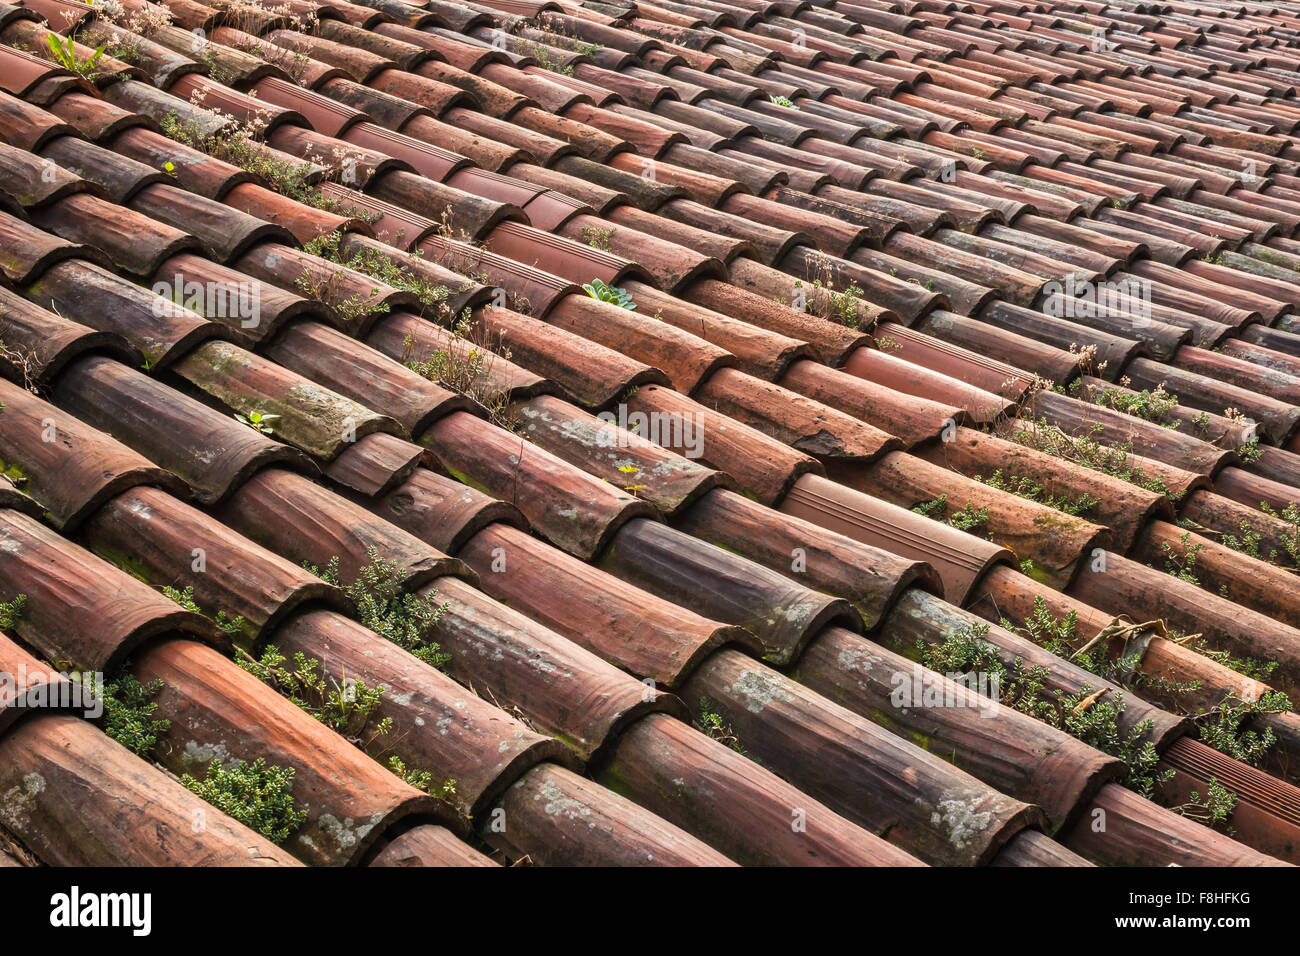 Un tetto costituito da piastrelle vecchie e logore con vegetazione